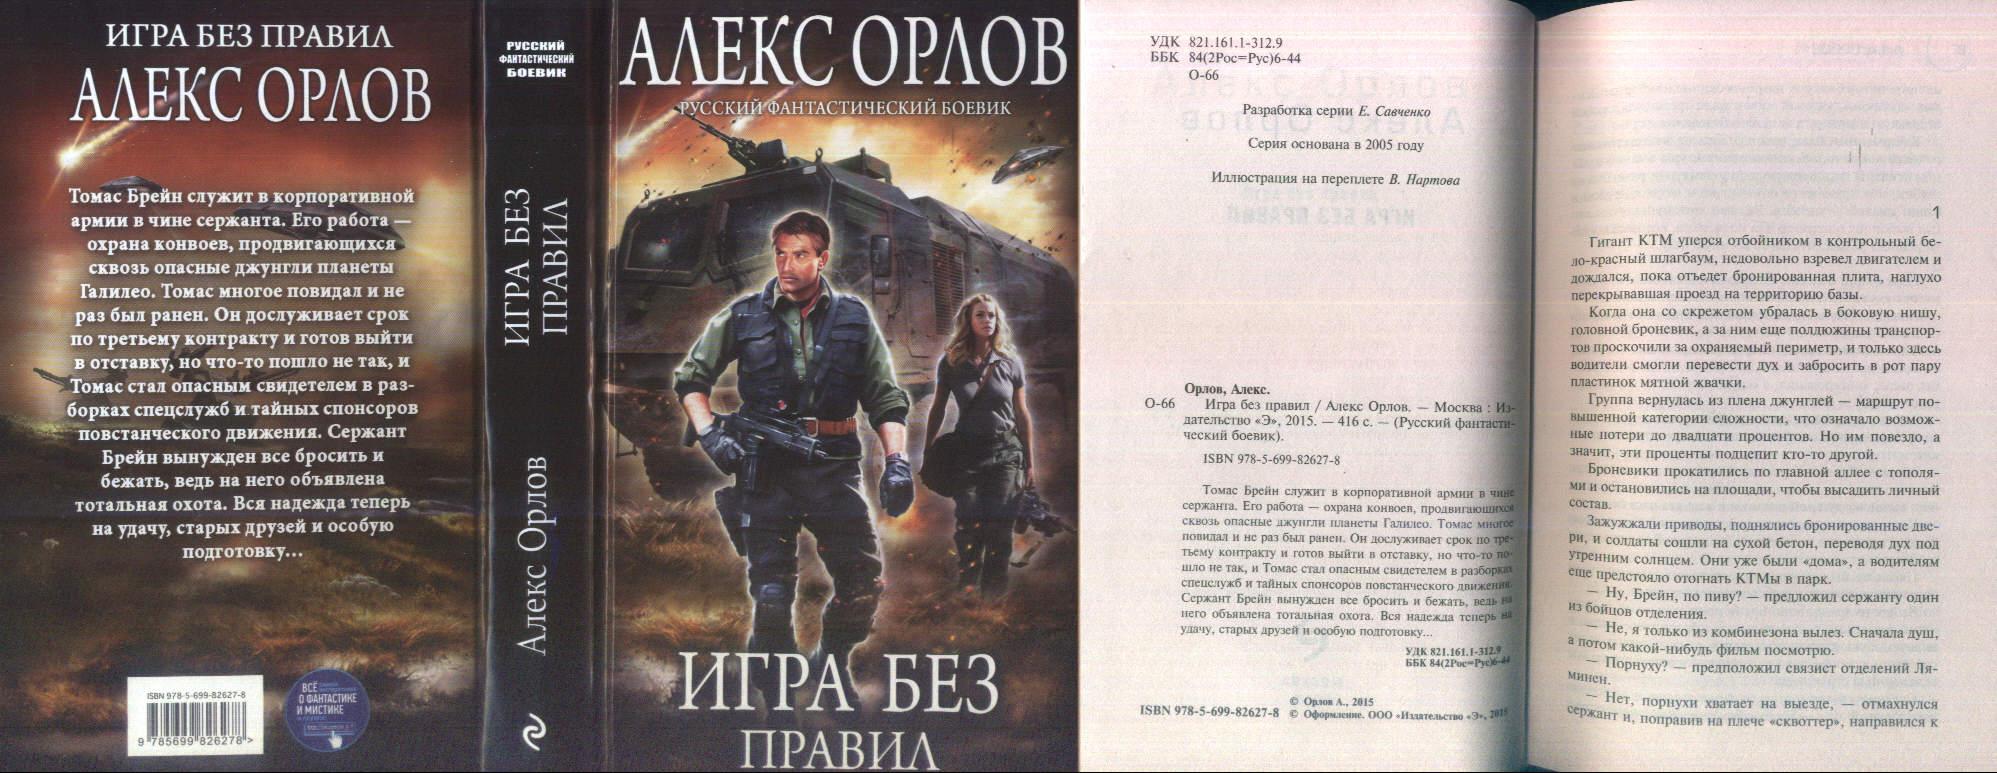 АЛЕКС ОРЛОВ ТОМАС БРЕЙН СКАЧАТЬ БЕСПЛАТНО